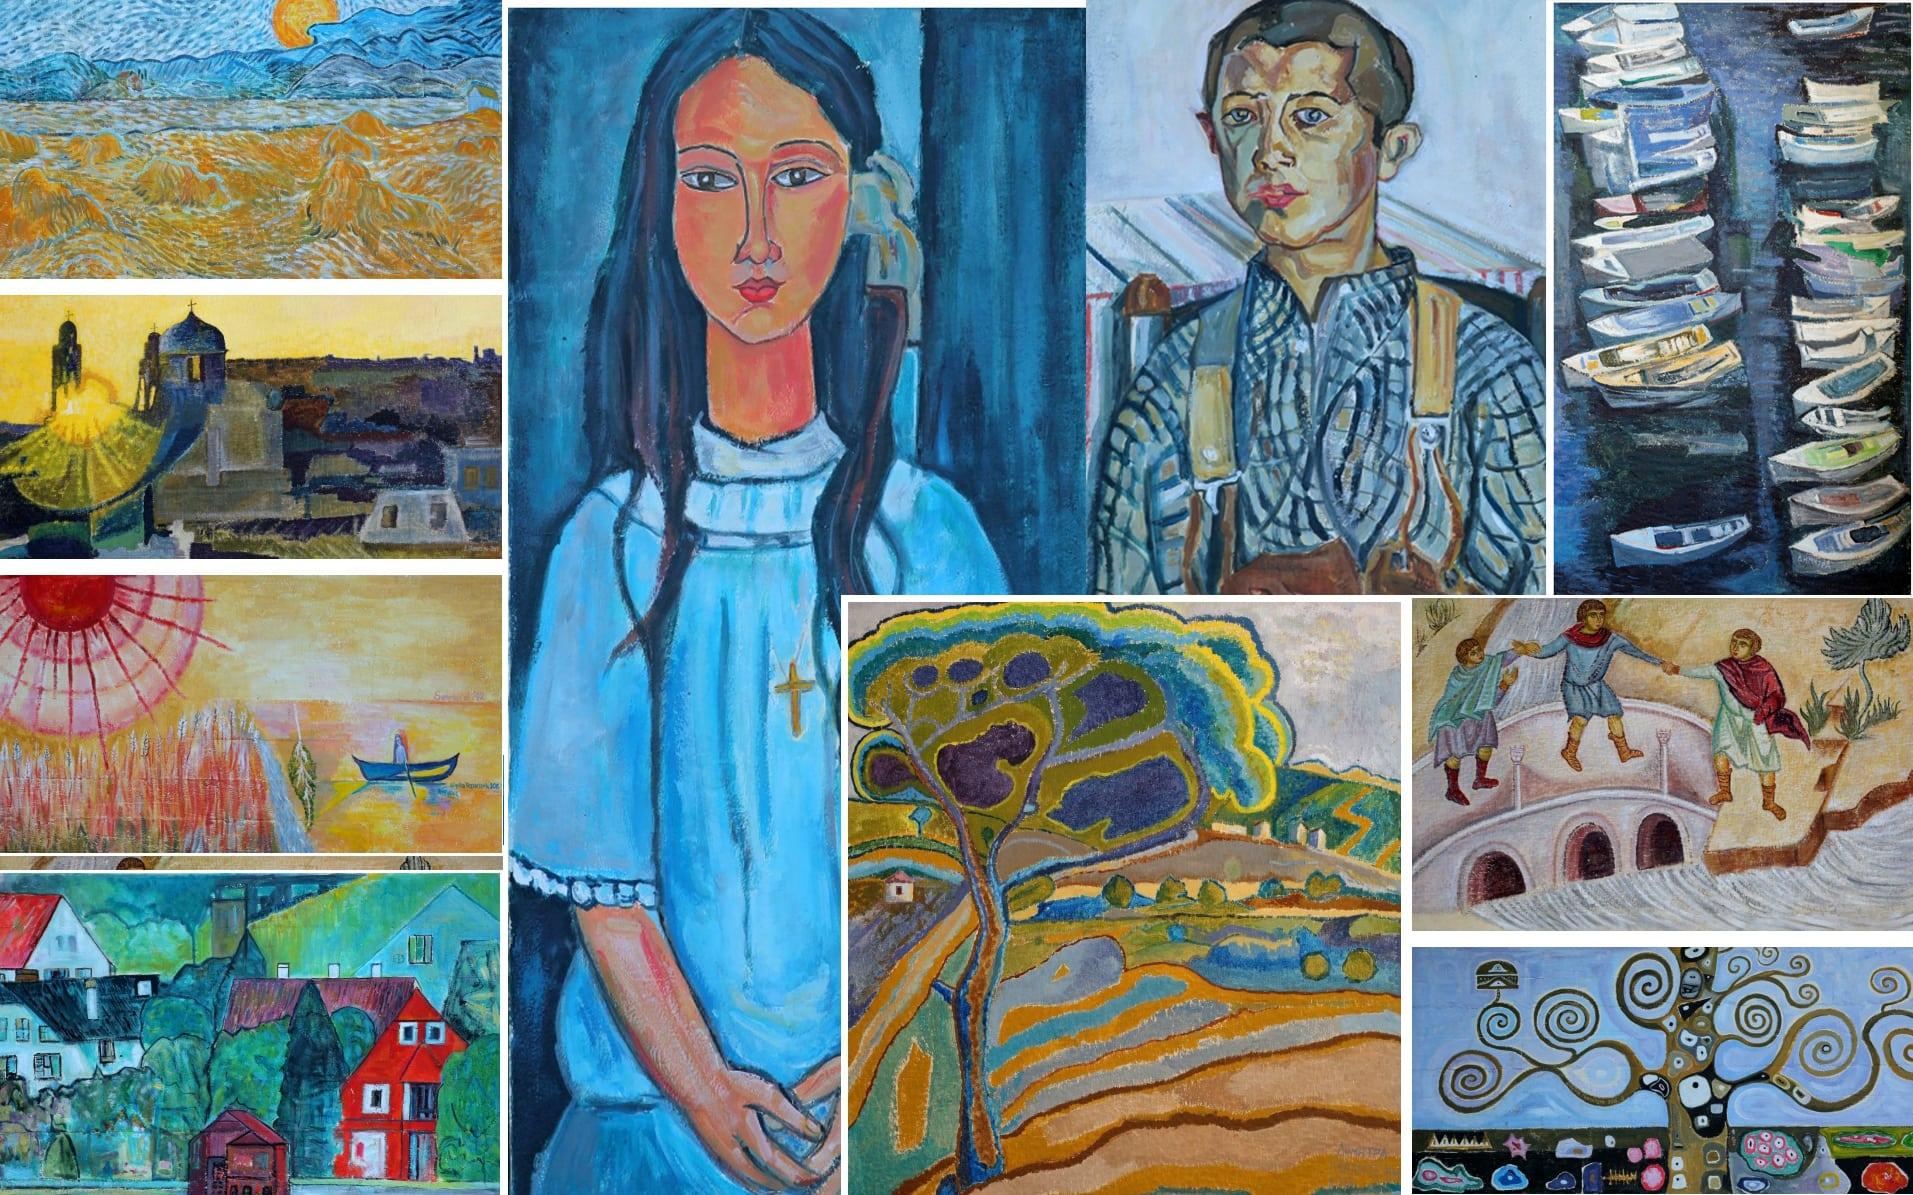 Ήγουμενίτσα: Το Α ́ Δημοτικό Σχολείο Ηγουμενίτσας συναντιέται με τις καλλιτεχνικές δημιουργίες μεγάλων Ελλήνων και ξένων ζωγράφων